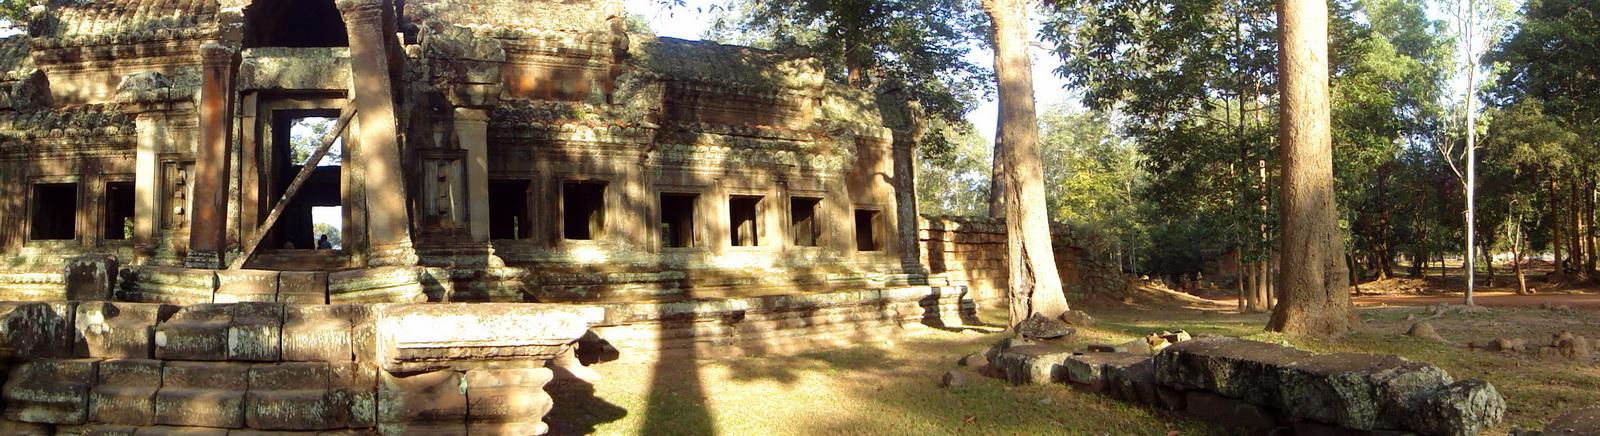 Angkor Wat approaches outer eastern Gopura Angkor Siem Reap 08